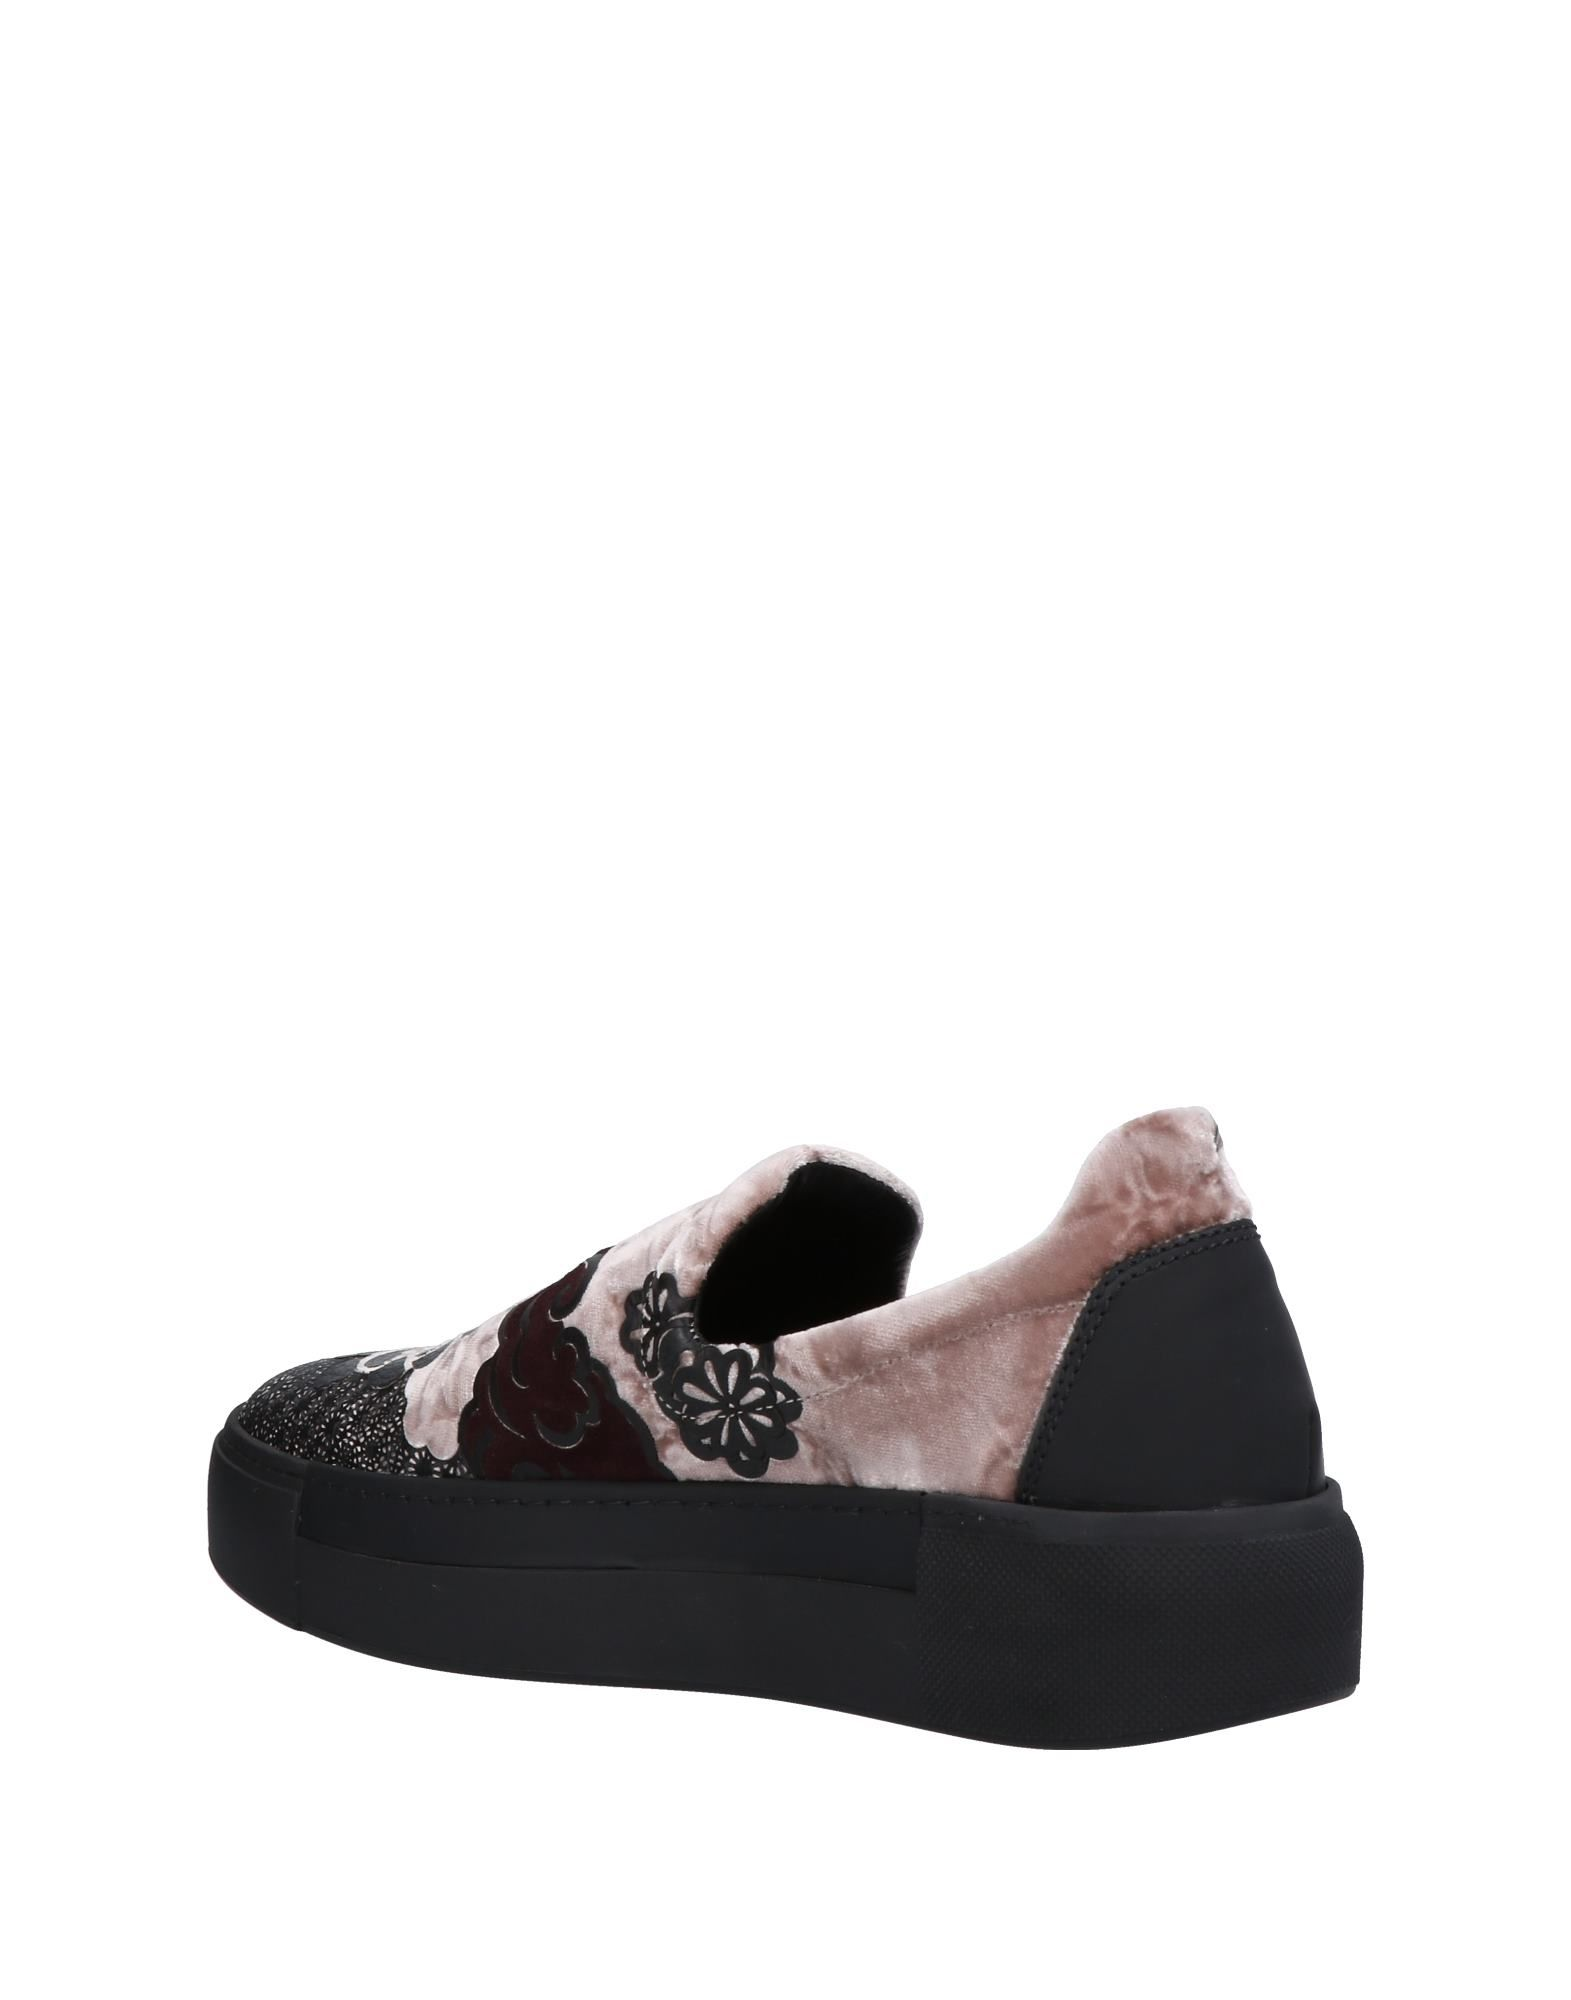 Stilvolle billige Schuhe Damen Vic Matiē Sneakers Damen Schuhe  11457576CI 2936c4